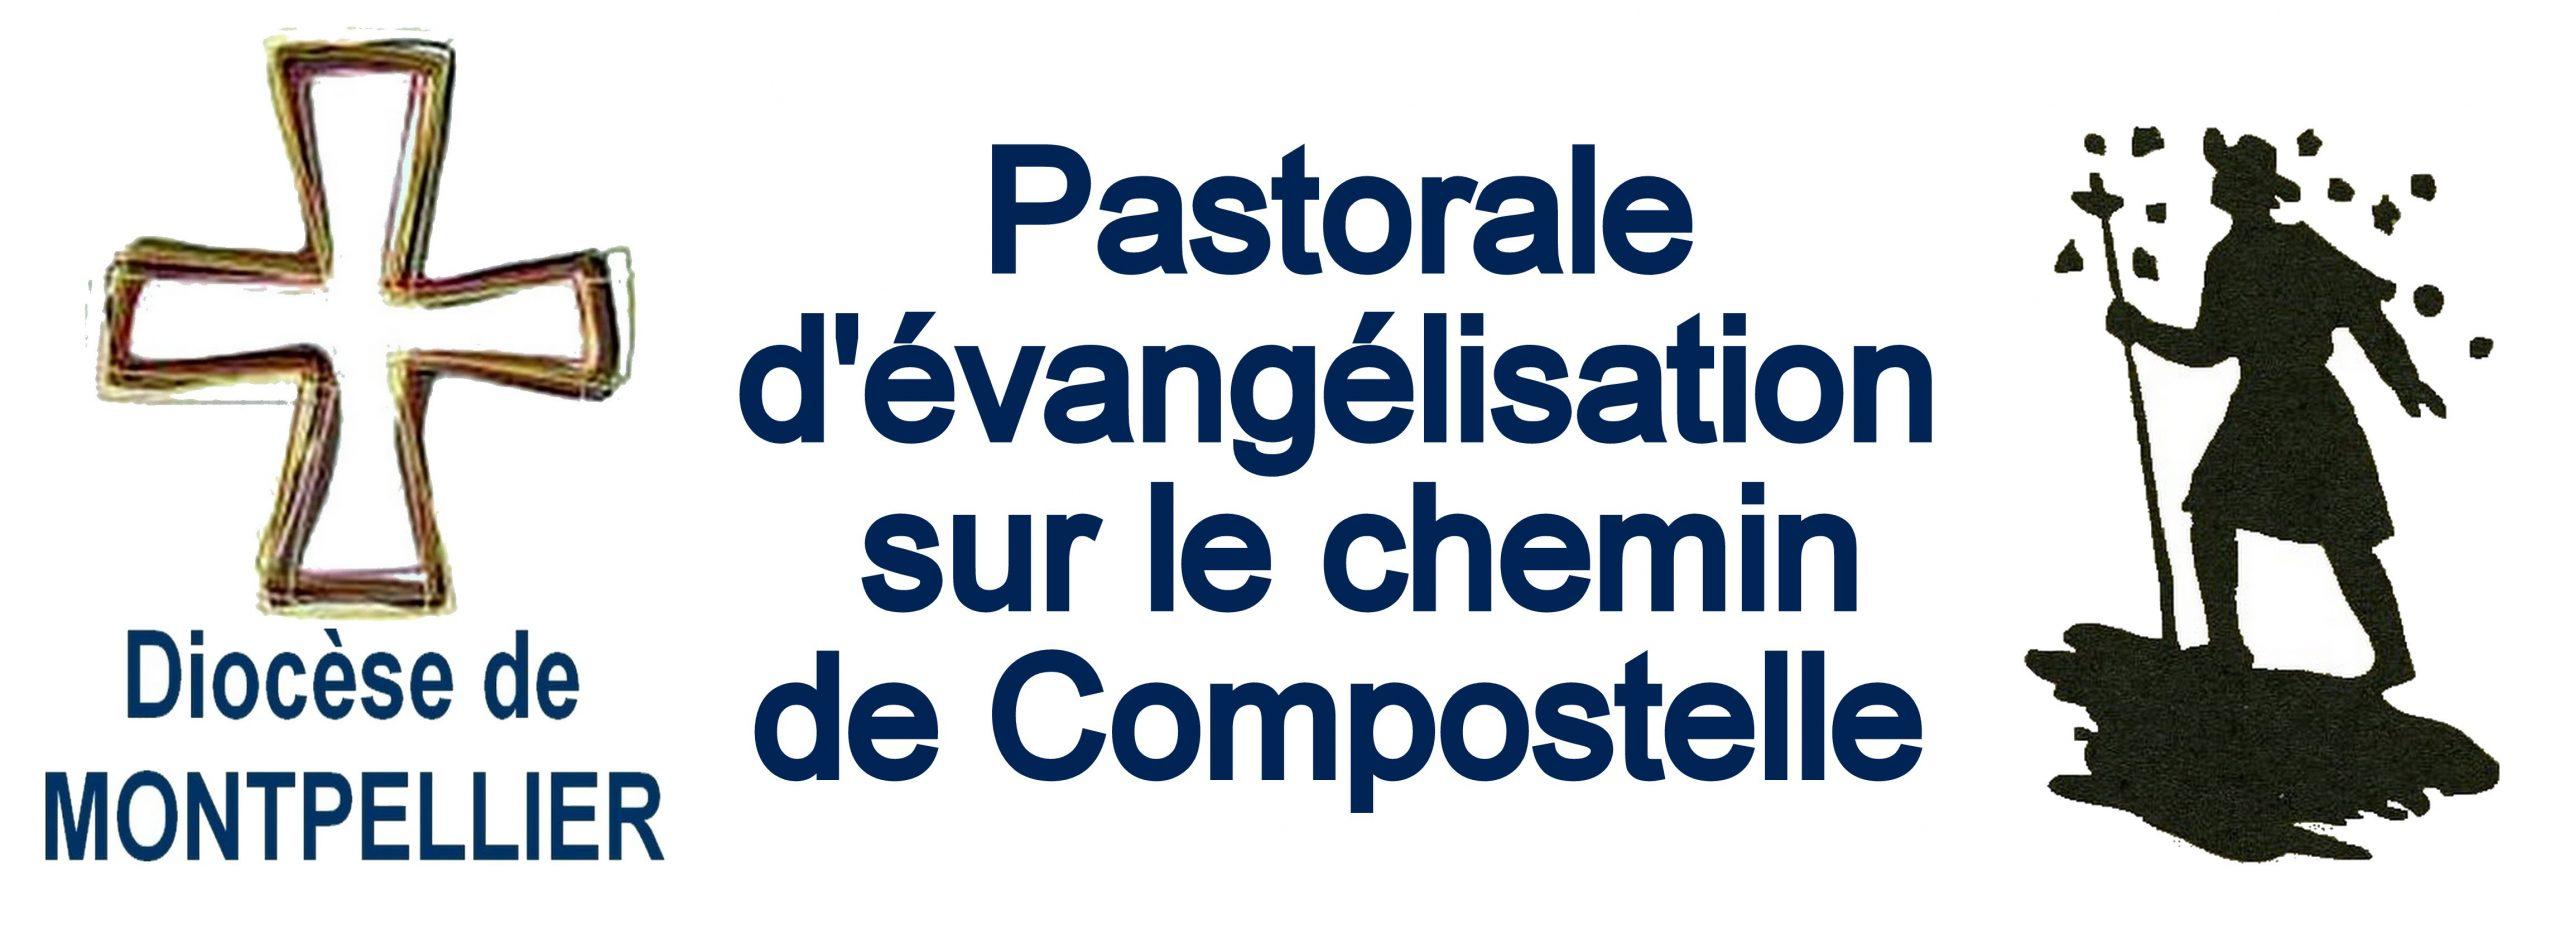 3ème rencontre de la pastorale sur les Chemins de Compostelle le 16 décembre à Saint-Thibéry (34)